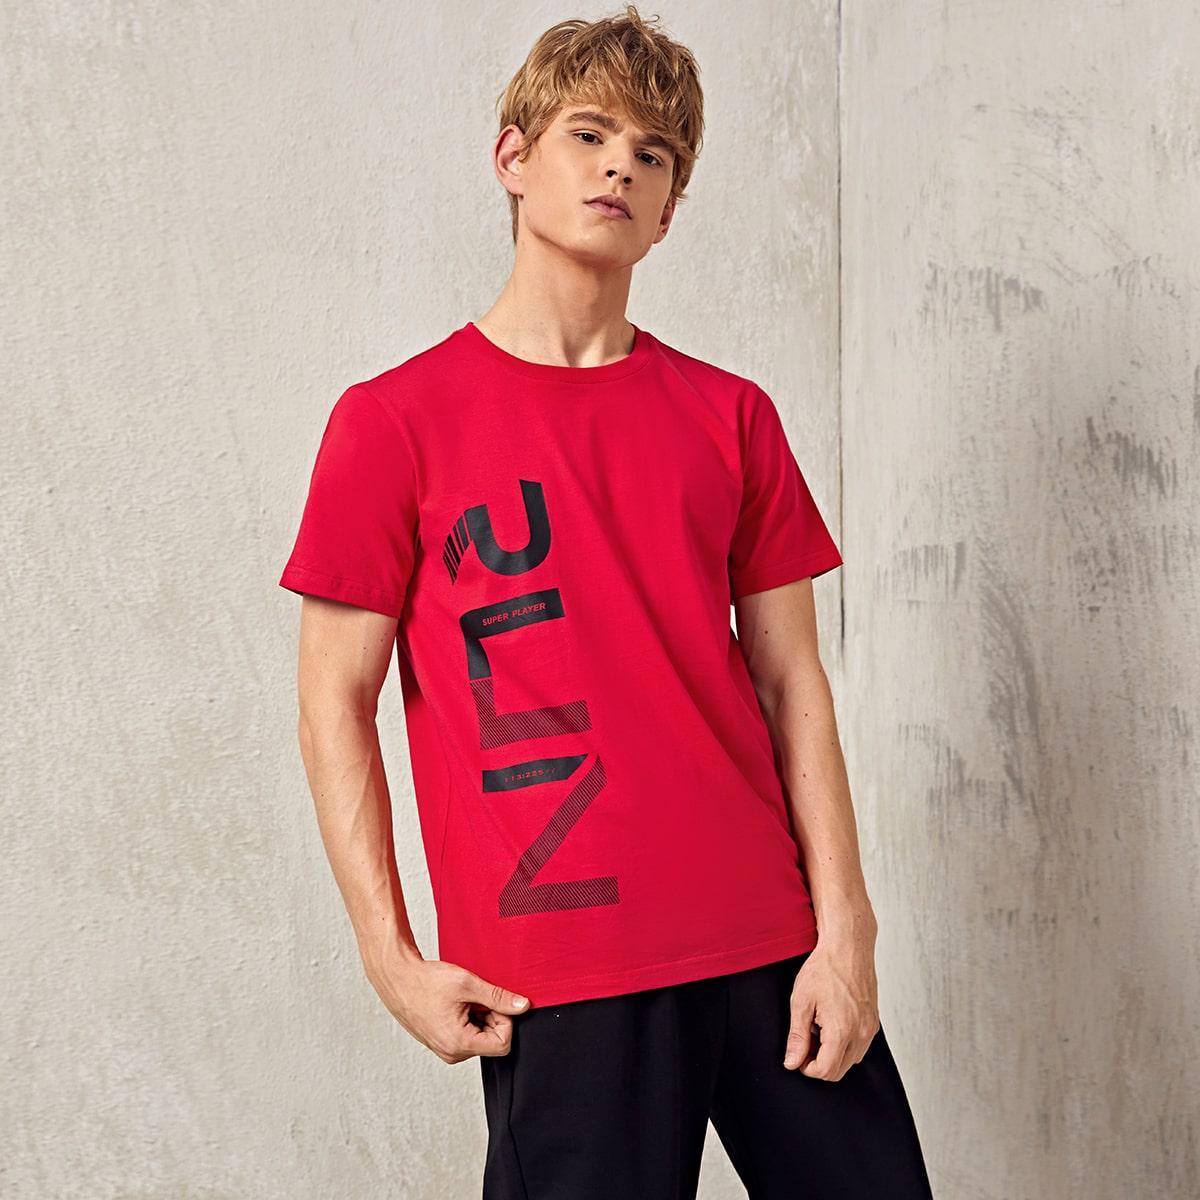 Мужская спортивная футболка с монограммой